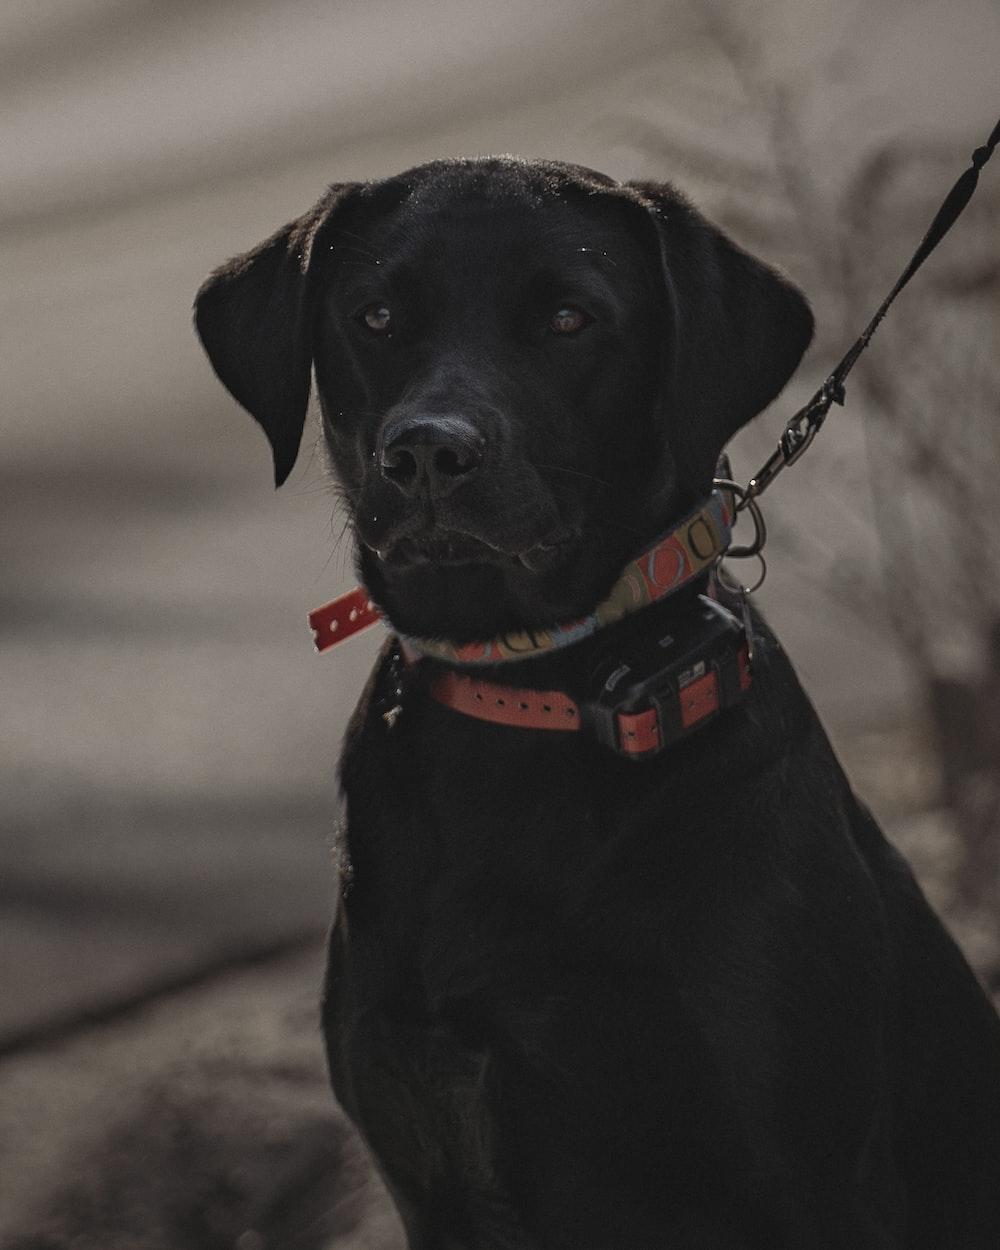 black labrador retriever with red and black collar